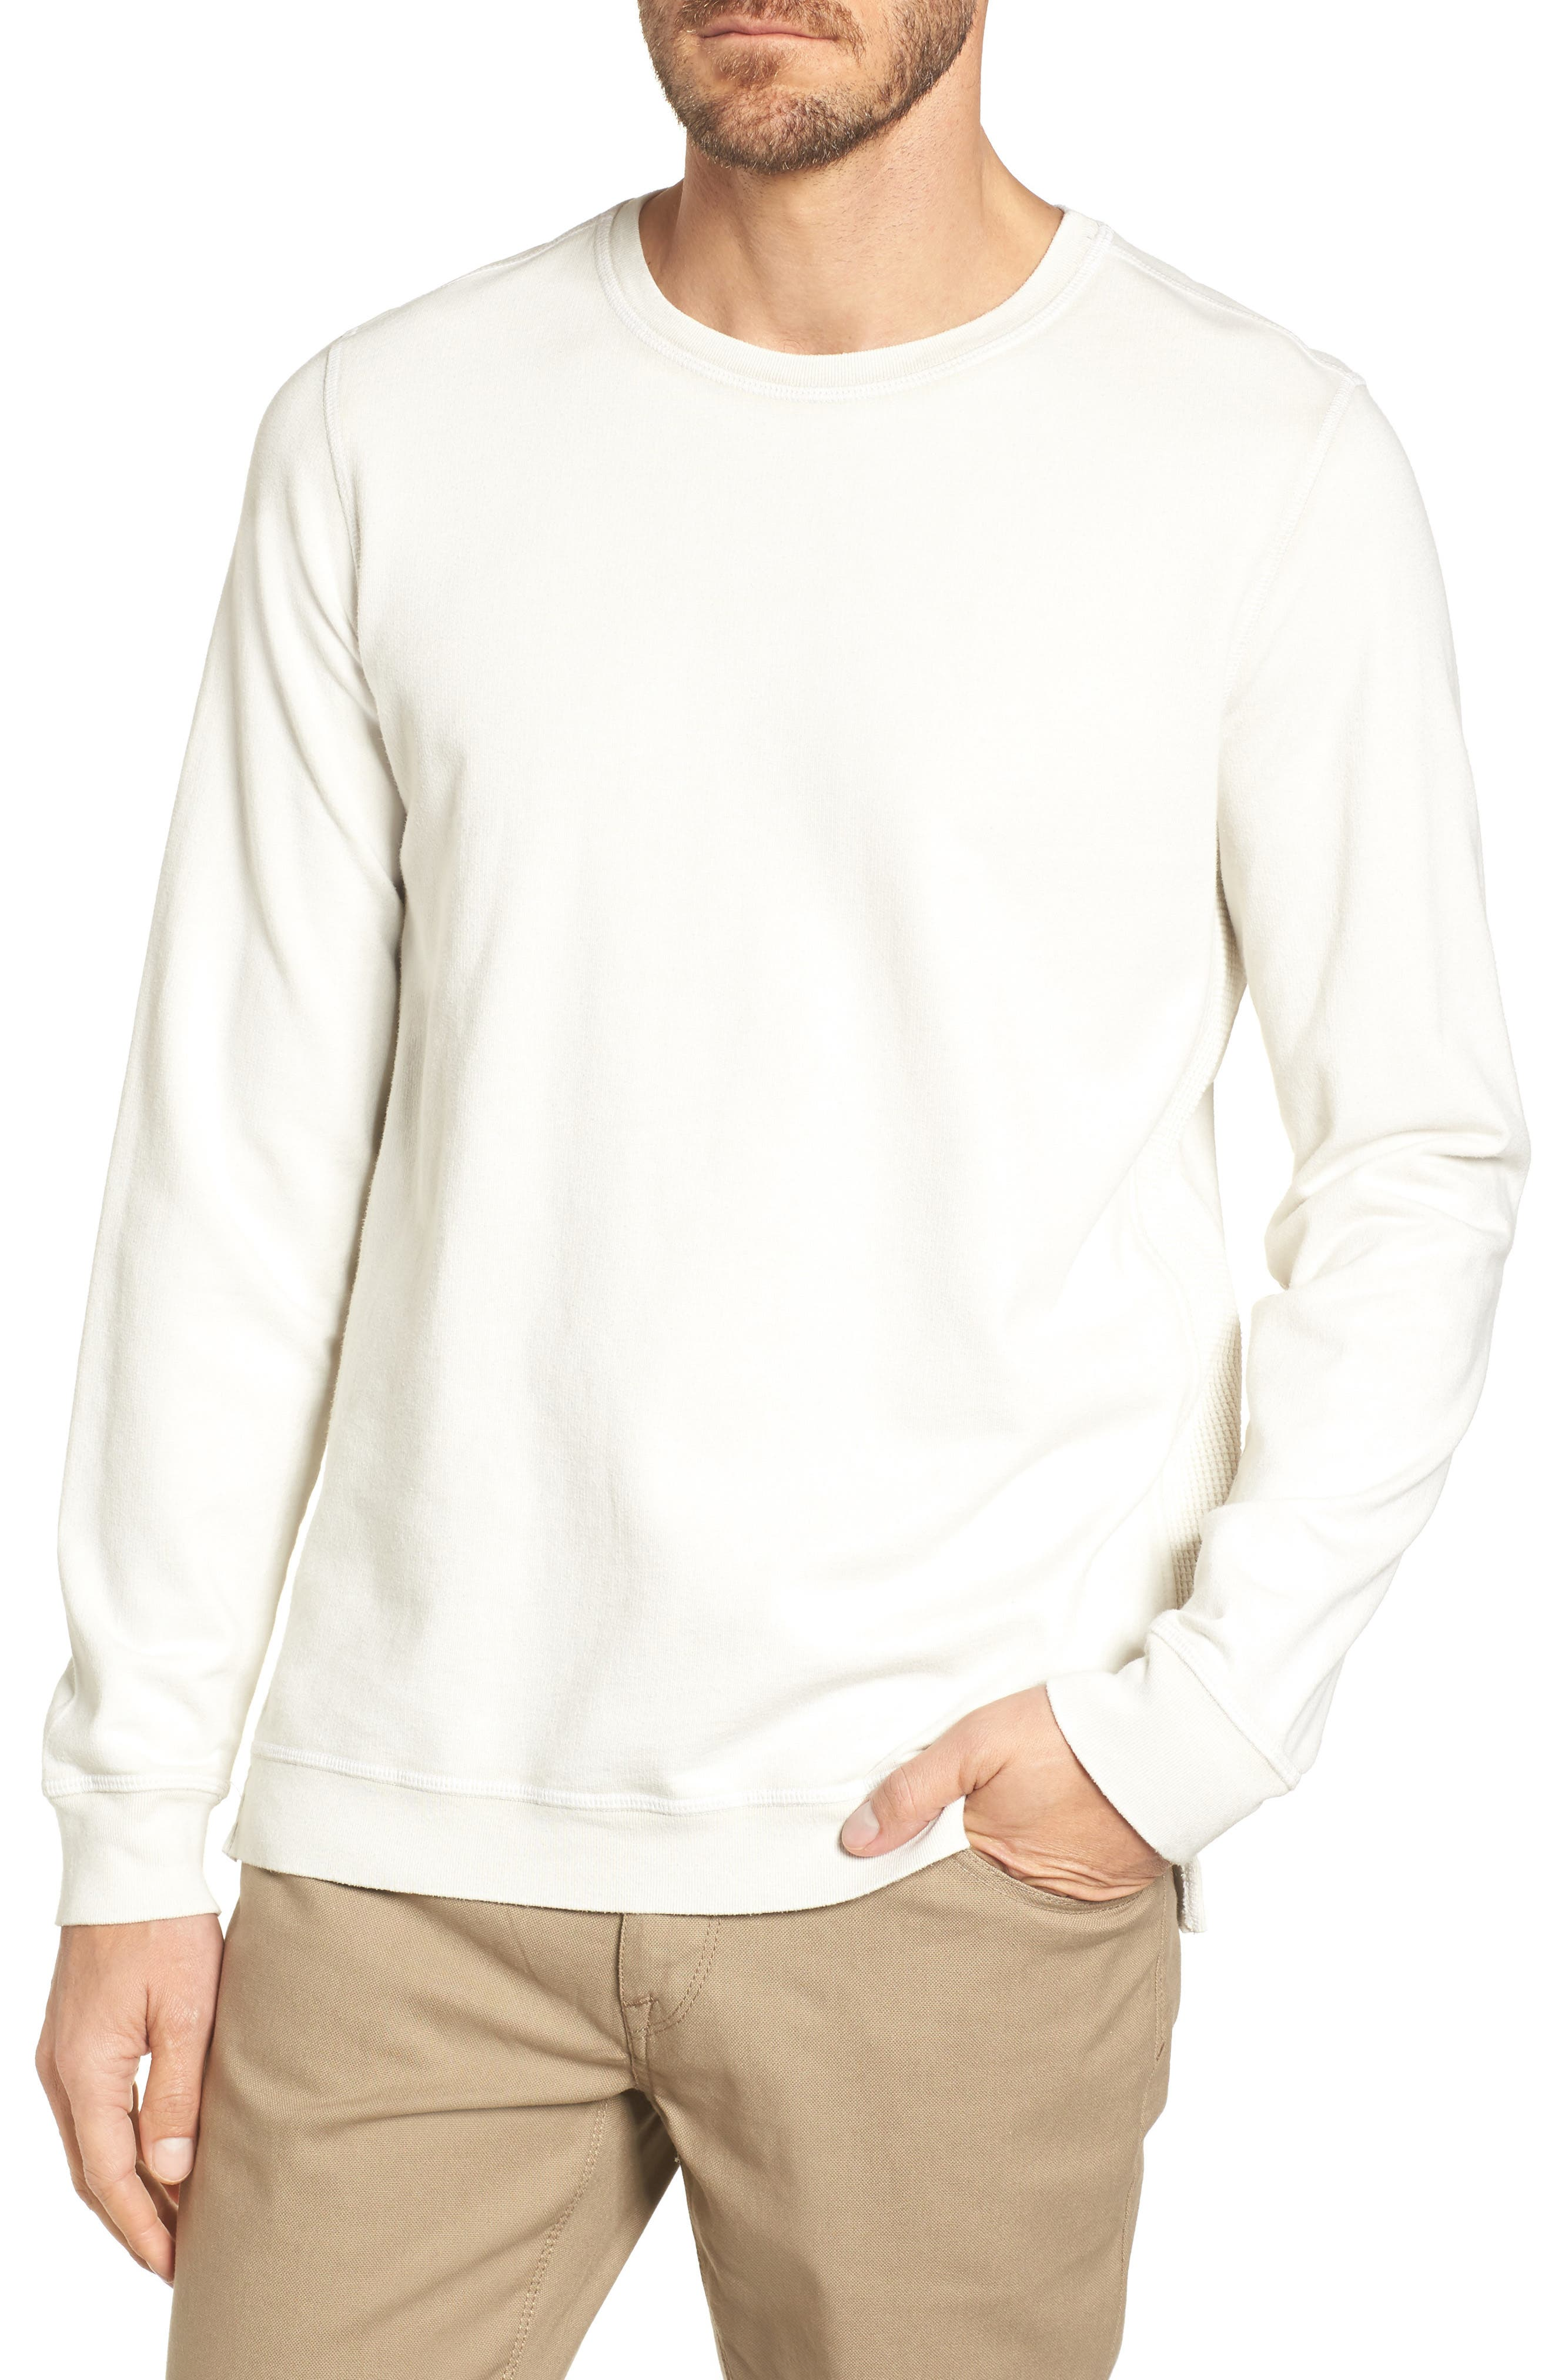 Max Slim Long Sleeve T-Shirt,                             Main thumbnail 1, color,